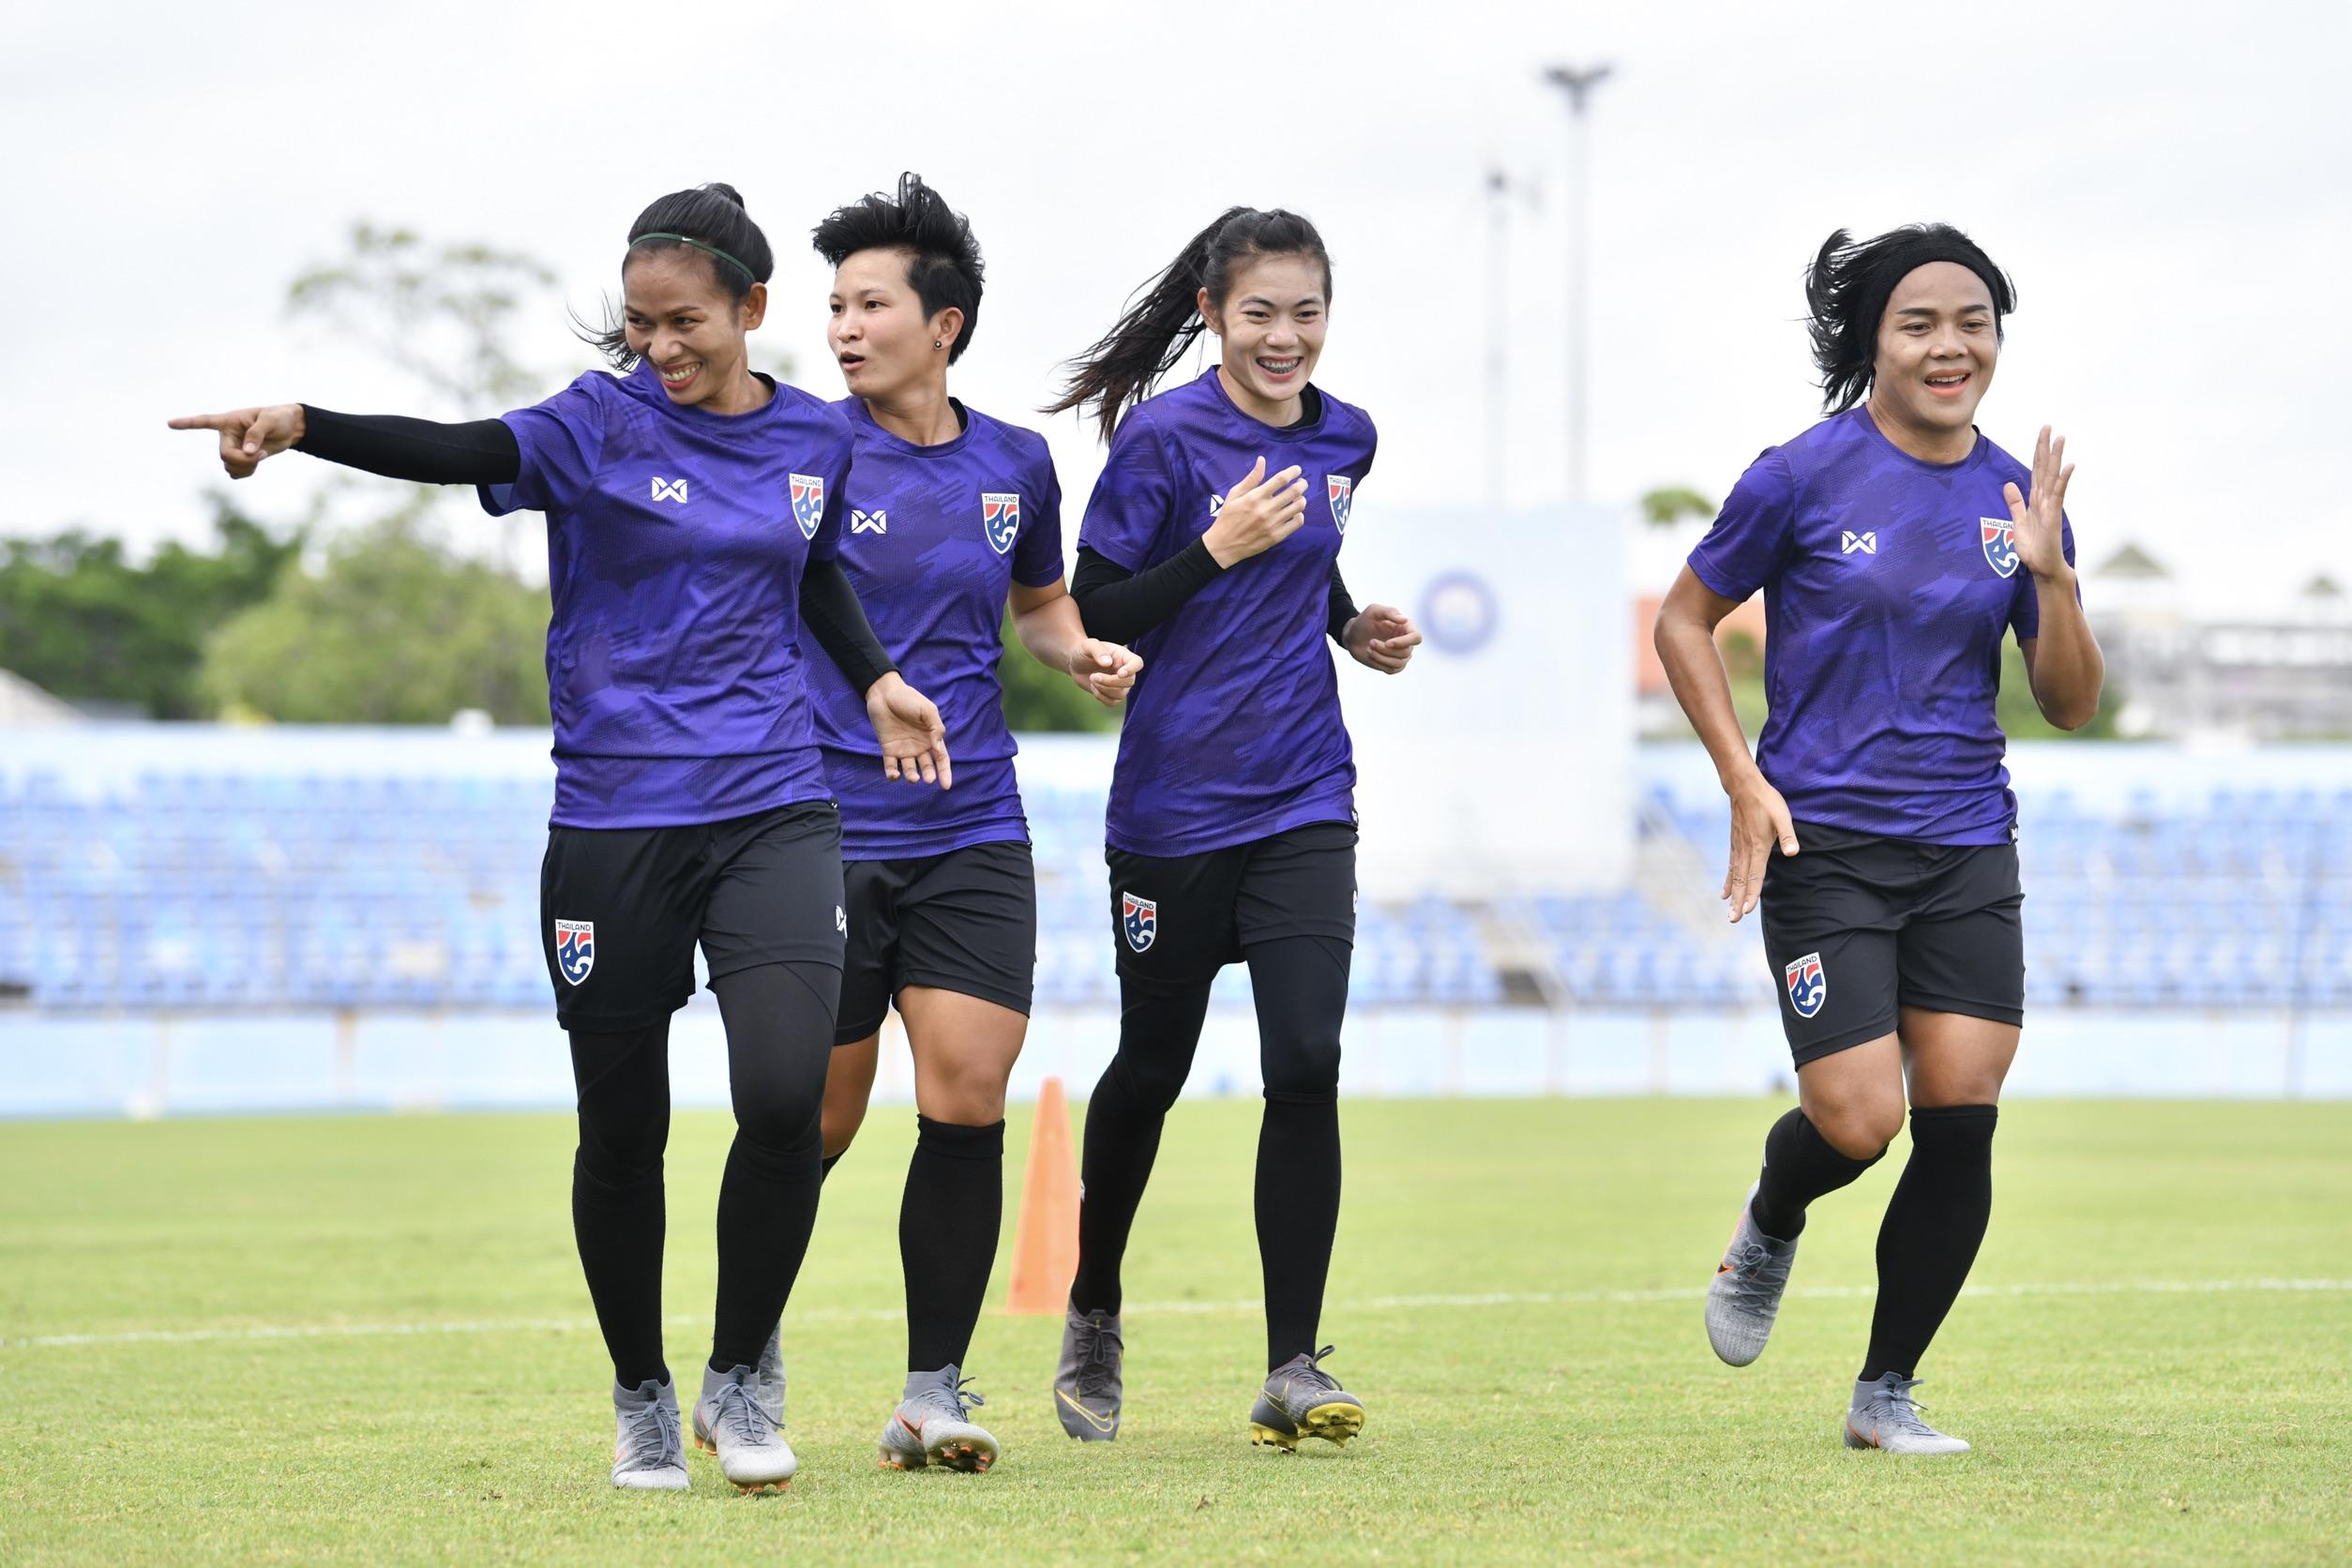 นฤพล แก่นสน ฟุตบอลหญิงทีมชาติไทย เวียดนาม